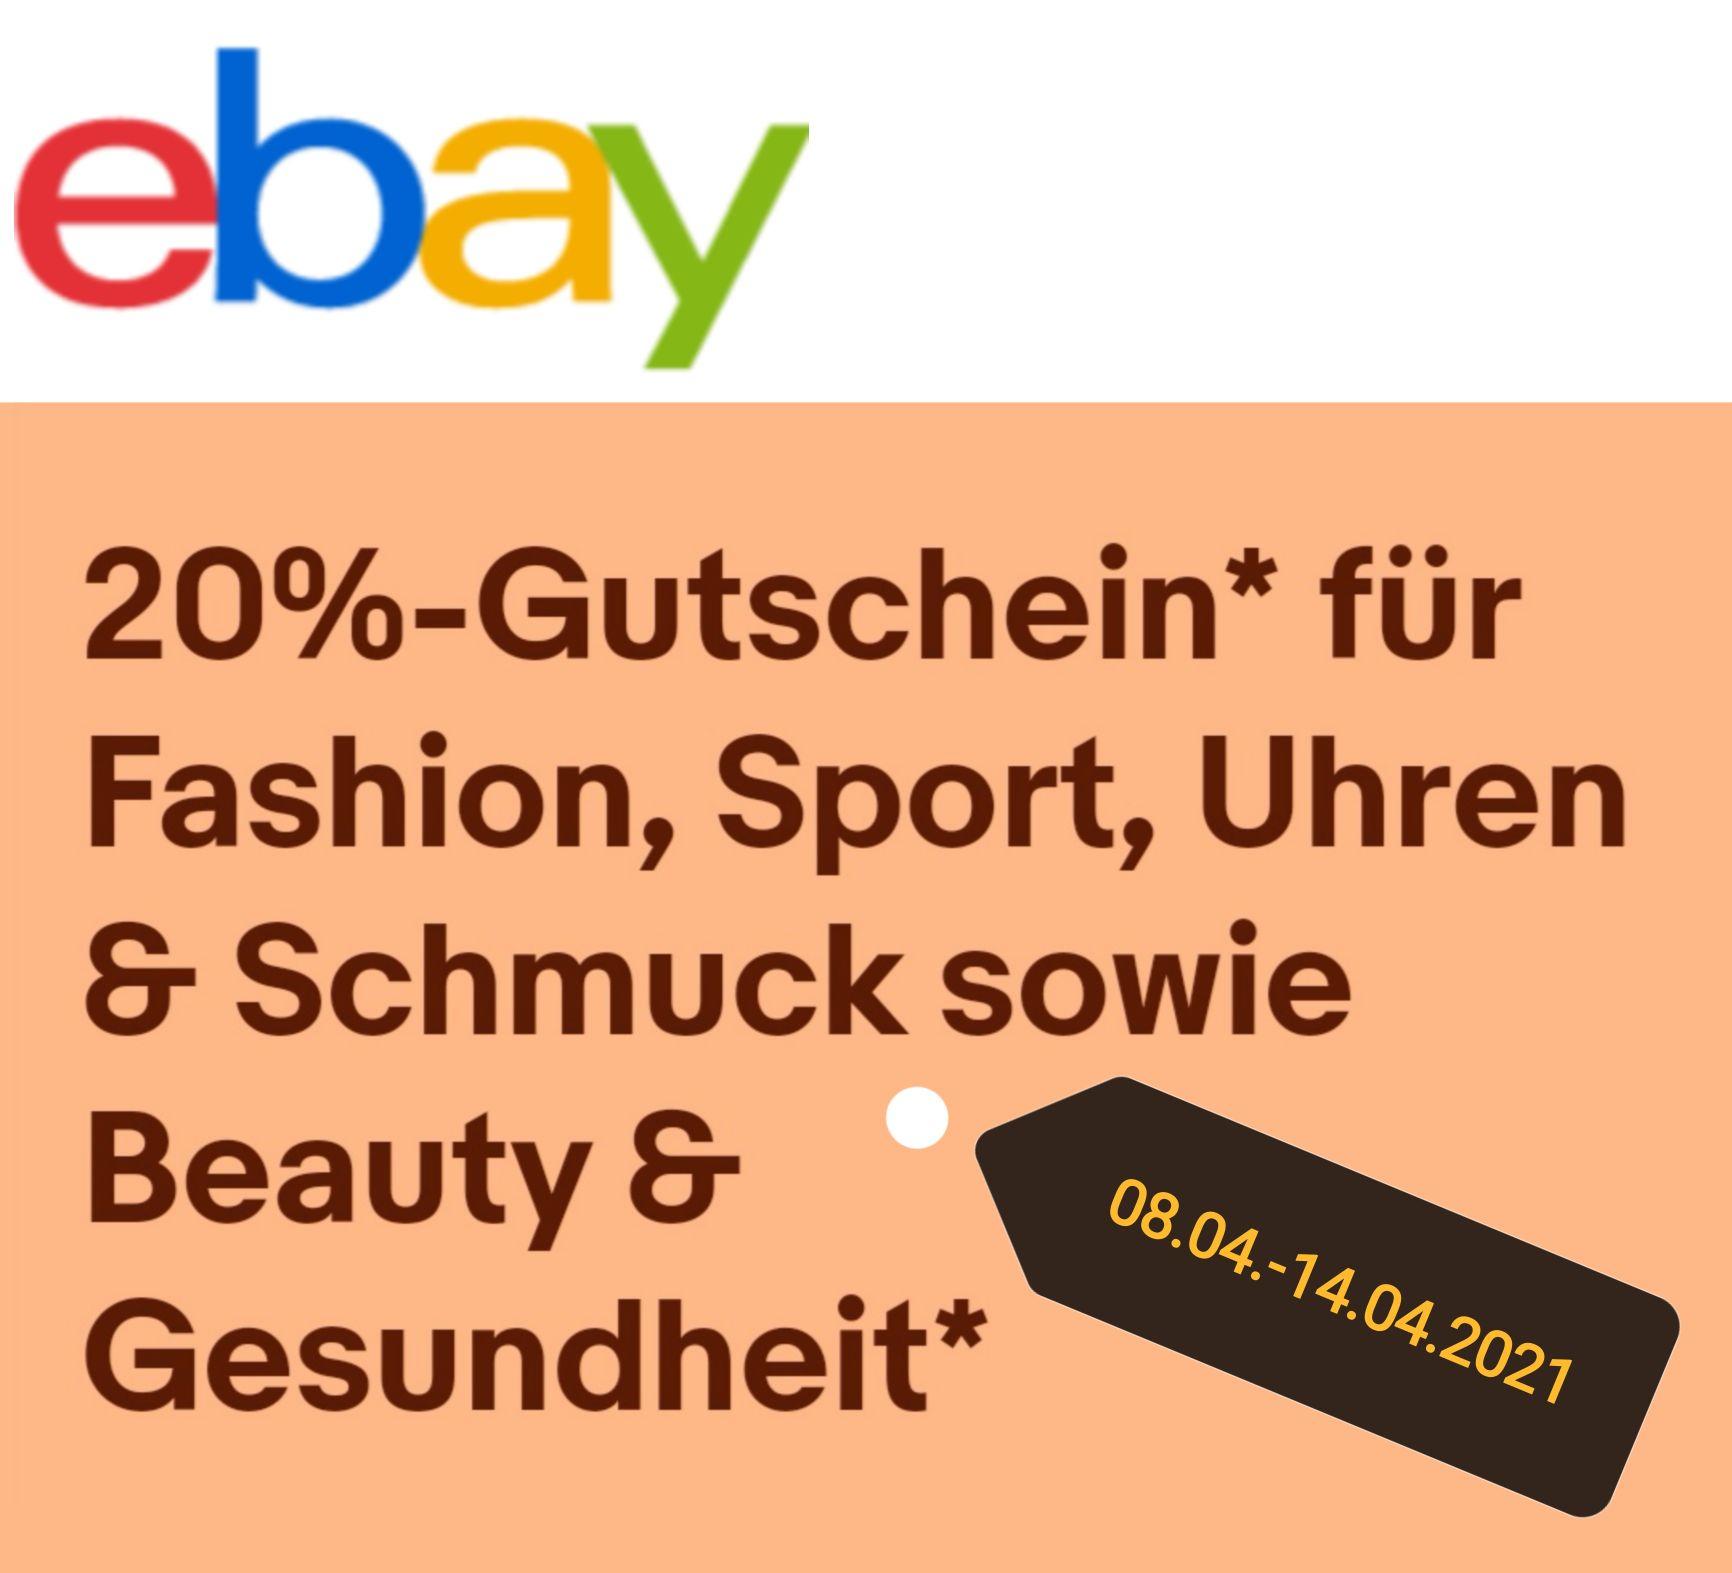 Ebay 20% Gutschein für Fashion, Sport, Uhren, Schmuck & Beauty/Gesundheit - - 2x einlösbar/max. 50€ Rabatt/ ohne MBW/ teilnehmende Händler